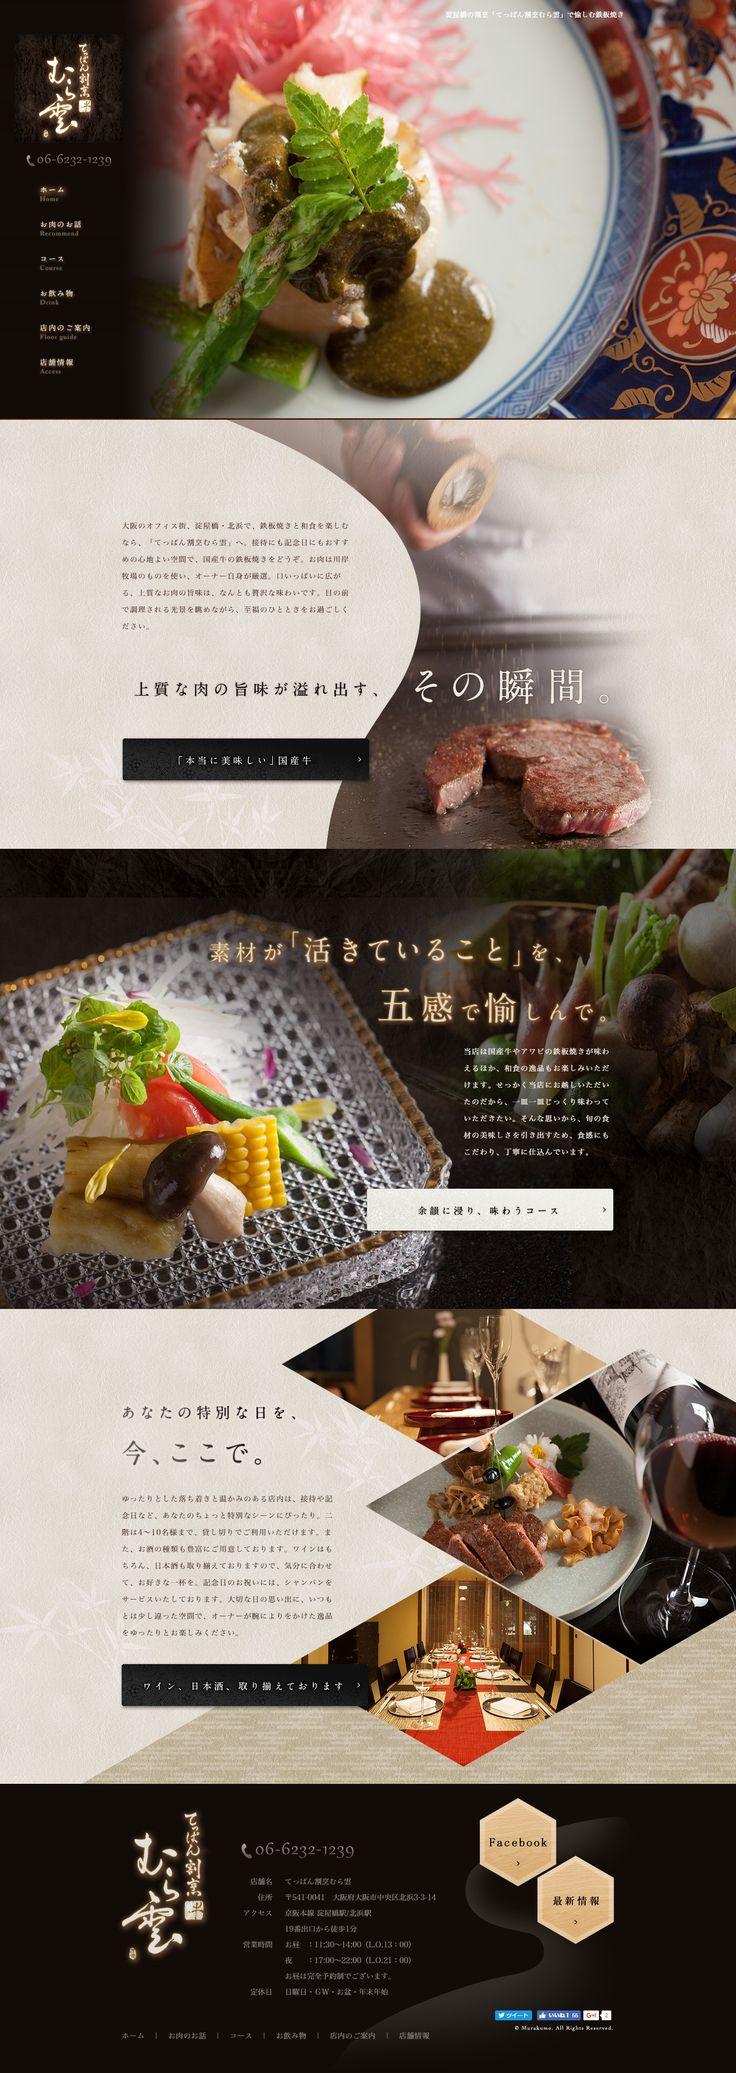 てっぱん割烹むら雲【食品関連】のLPデザイン。WEBデザイナーさん必見!ランディングページのデザイン参考に(高級・リッチ・セレブ系)